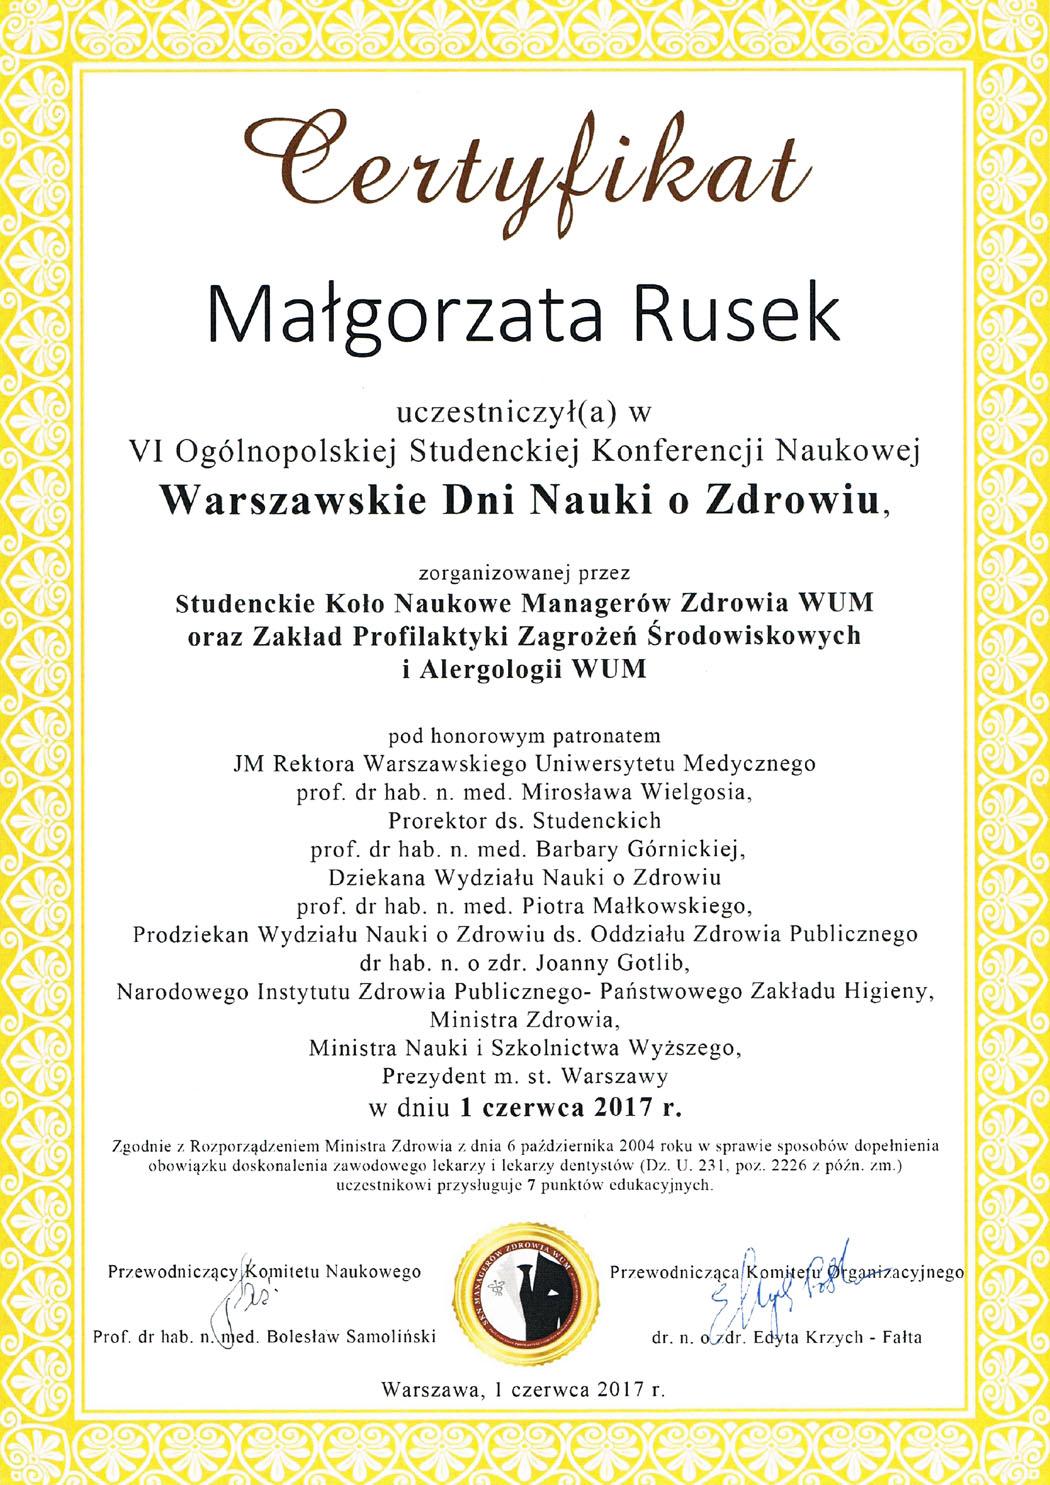 Warszawskie Dni Nauki oZdrowiu 01.06.2017